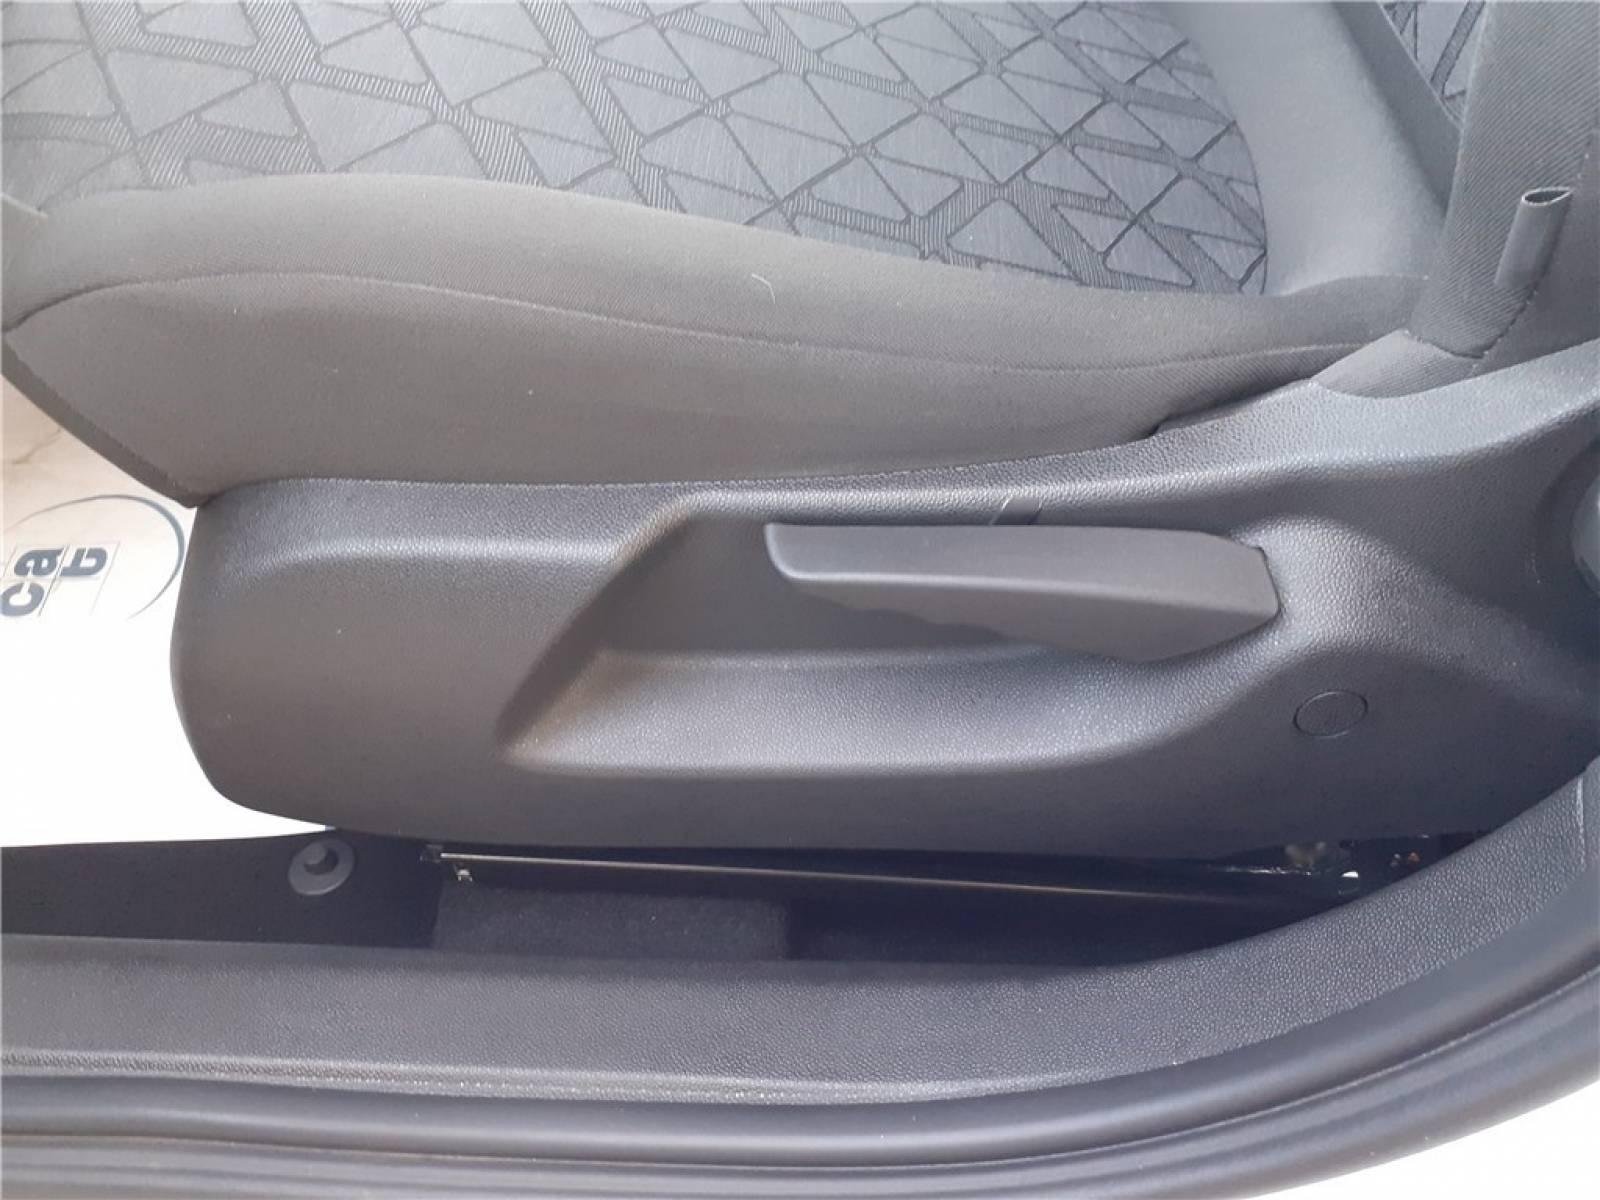 OPEL Corsa 1.0 Ecotec Turbo 90 ch - véhicule d'occasion - Groupe Guillet - Opel Magicauto - Chalon-sur-Saône - 71380 - Saint-Marcel - 22